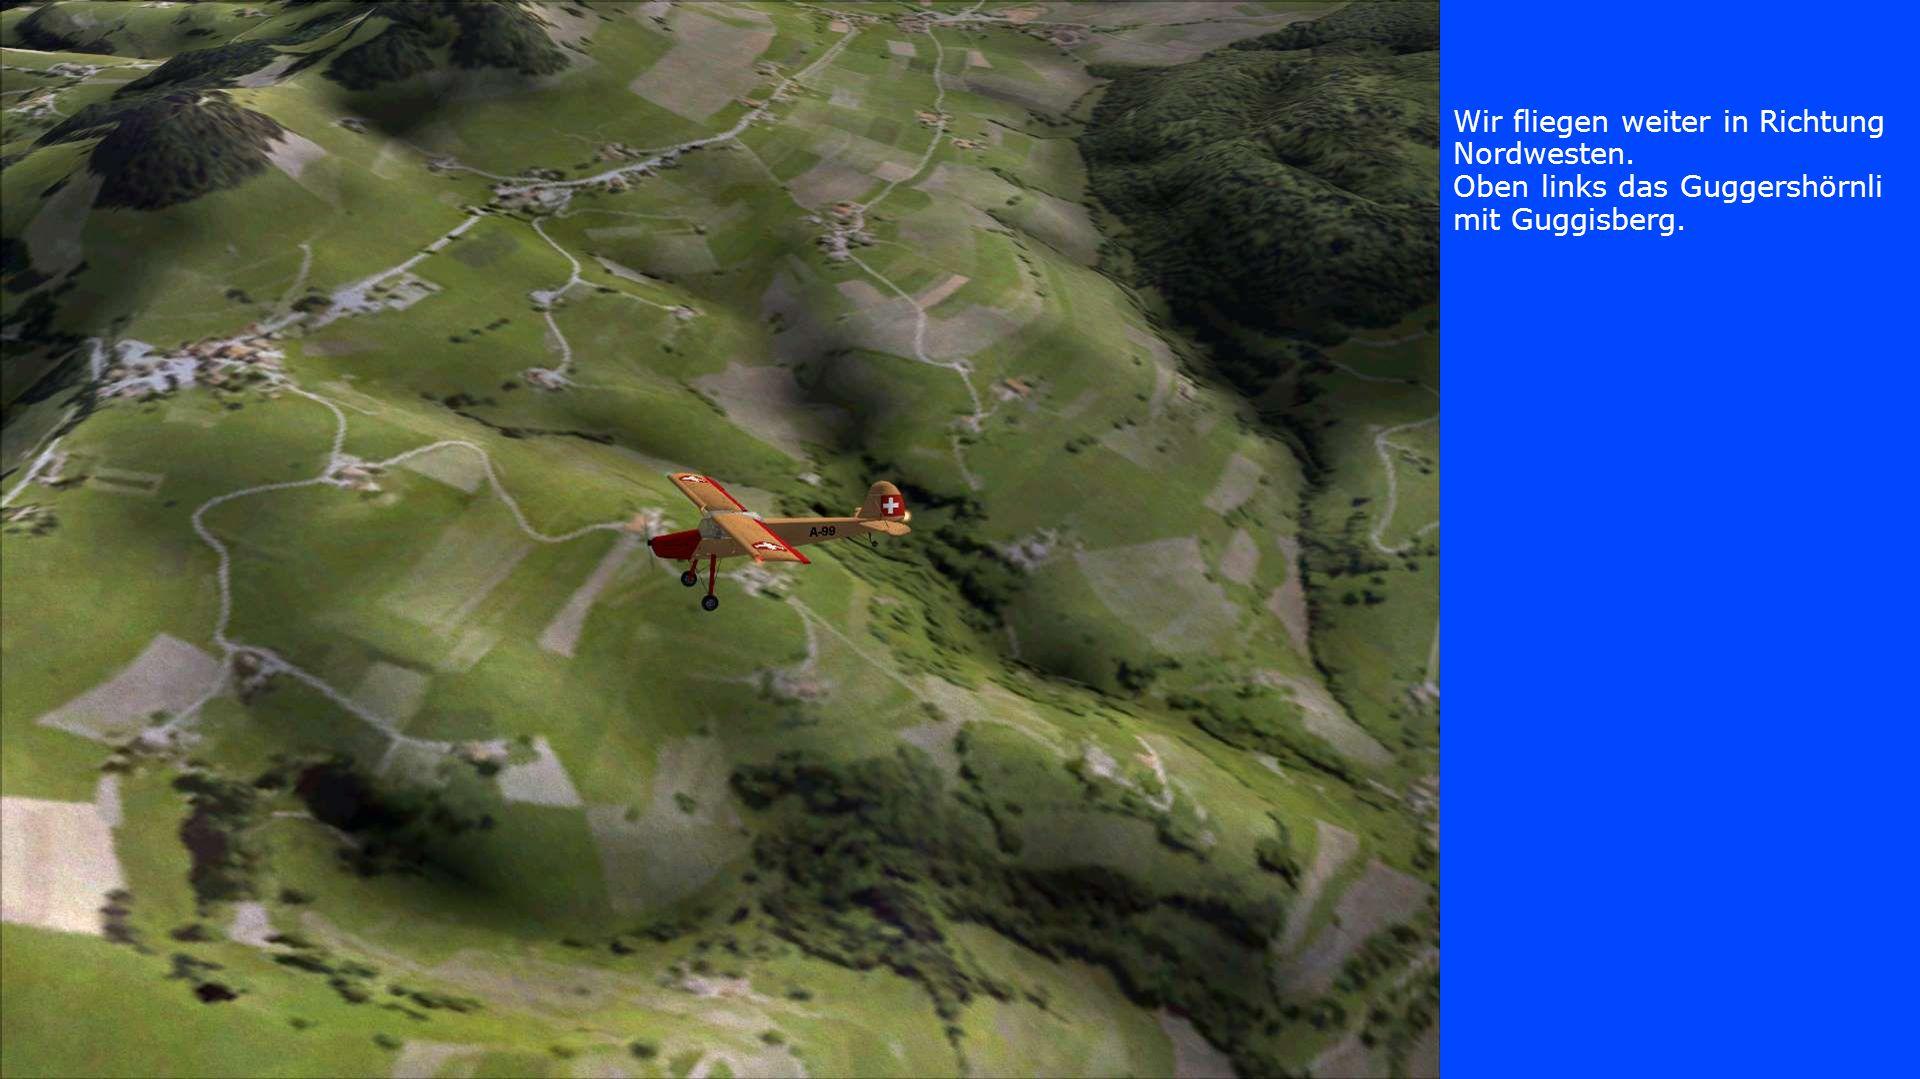 Wir fliegen weiter in Richtung Nordwesten. Oben links das Guggershörnli mit Guggisberg.